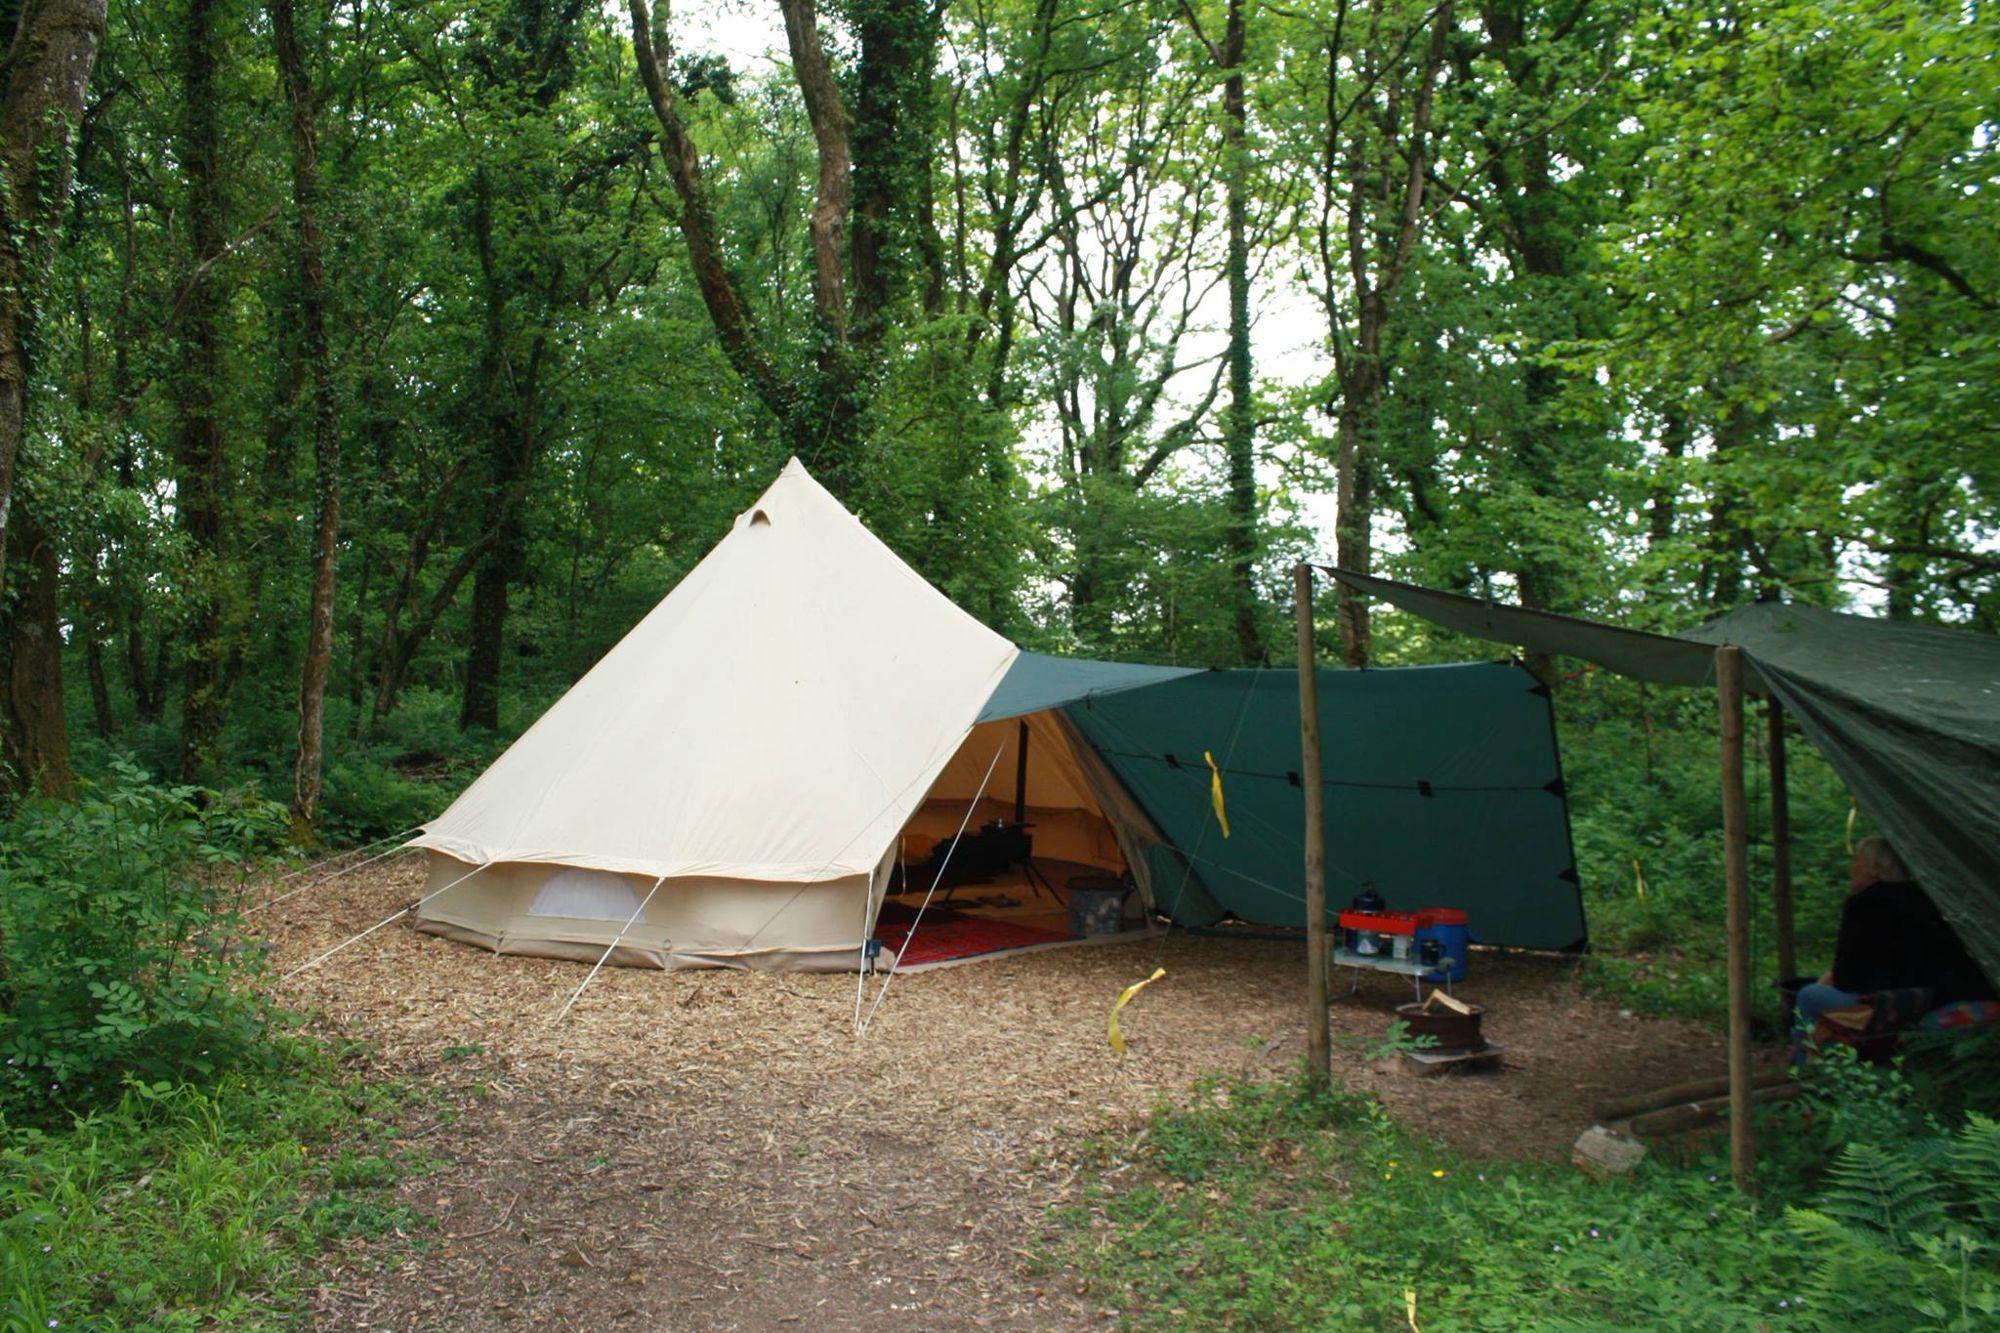 Glamping in Okehampton holidays at Cool Camping